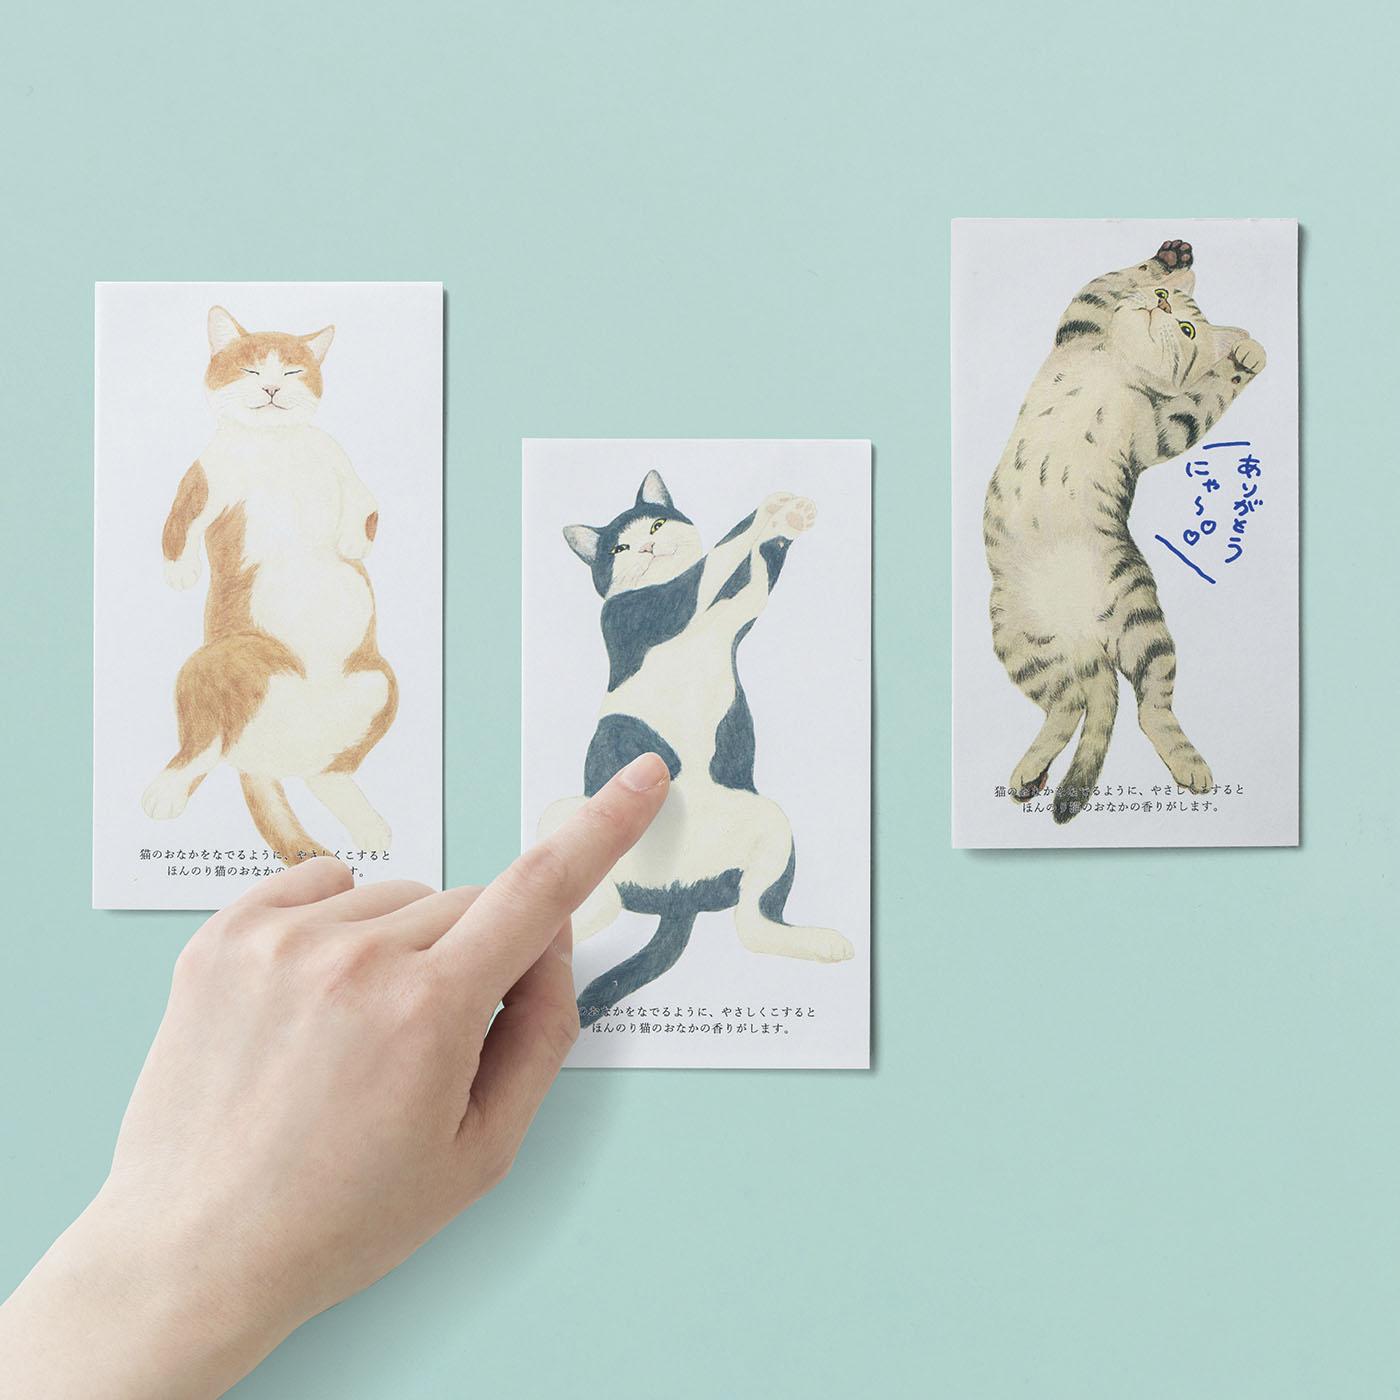 思わずなでなでしたくなる! 無防備におなかを見せる猫のイラストは、茶シロ、ブチ、キジトラの3種。